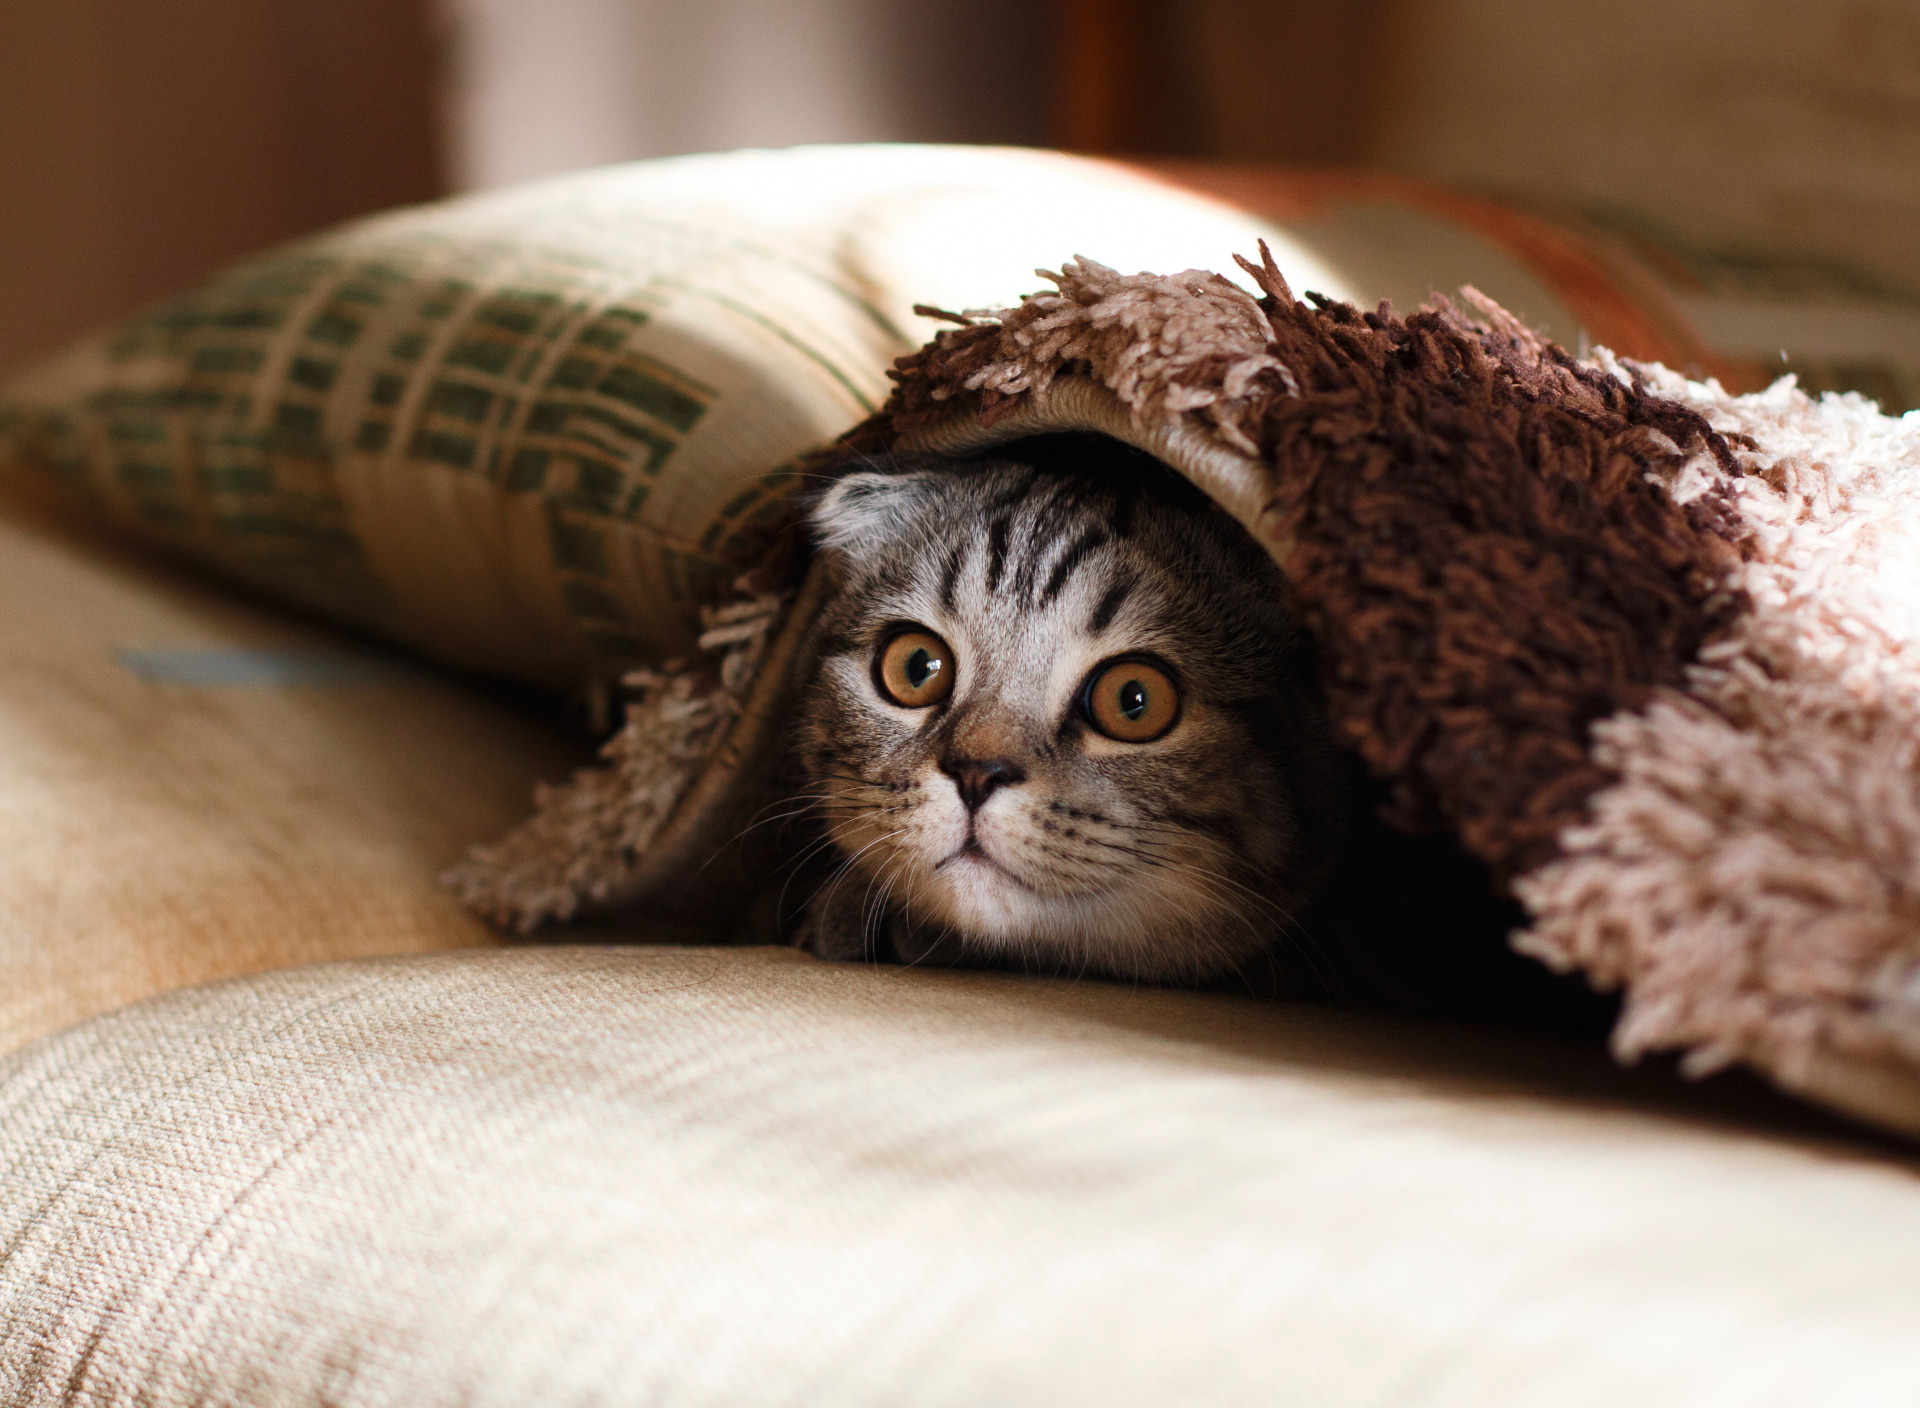 фото котенка под пледом огне смайлики картинки